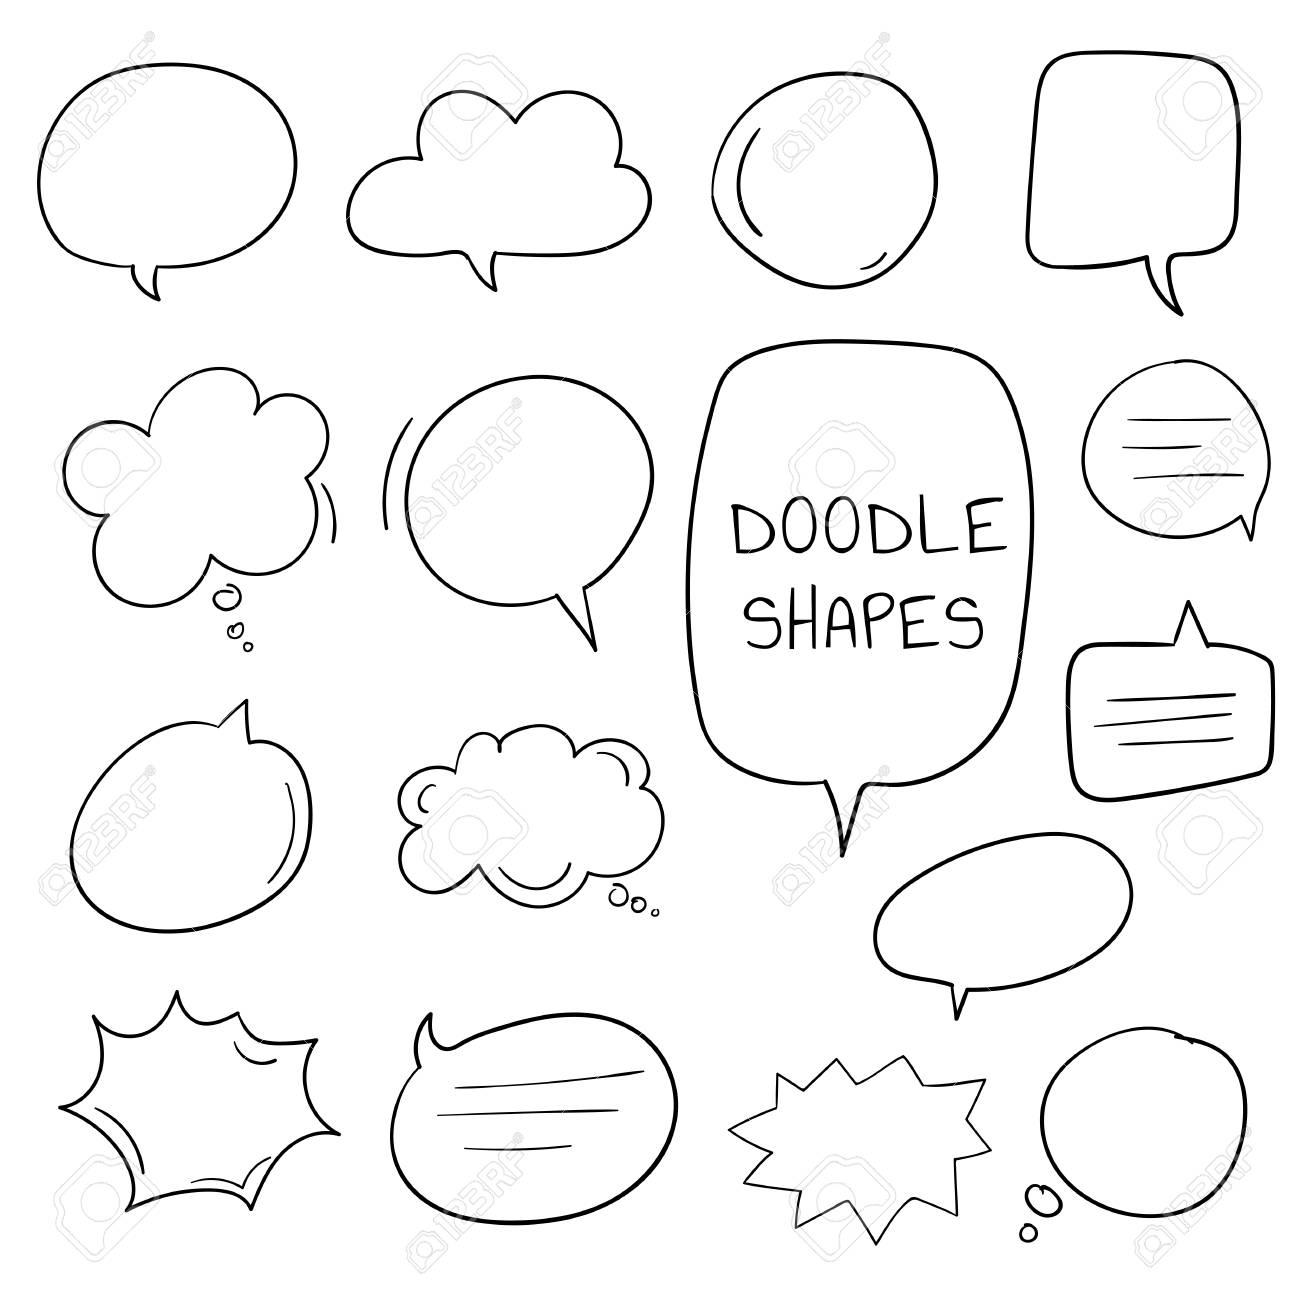 Hand-drawn doodle speech bubbles vector set - 125881673